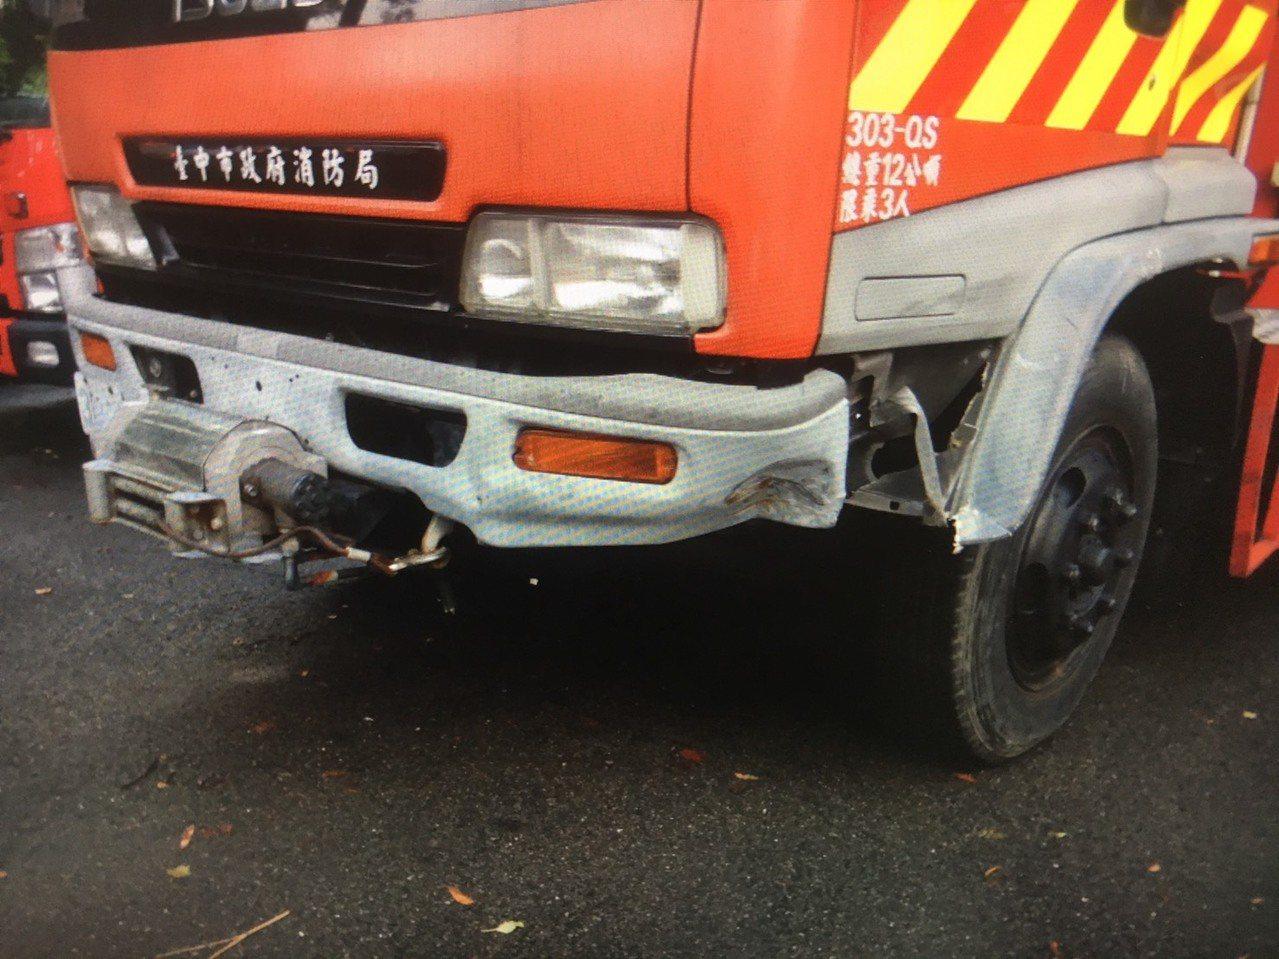 消防車左側前方踏板輪弧處受損。記者林佩均/翻攝